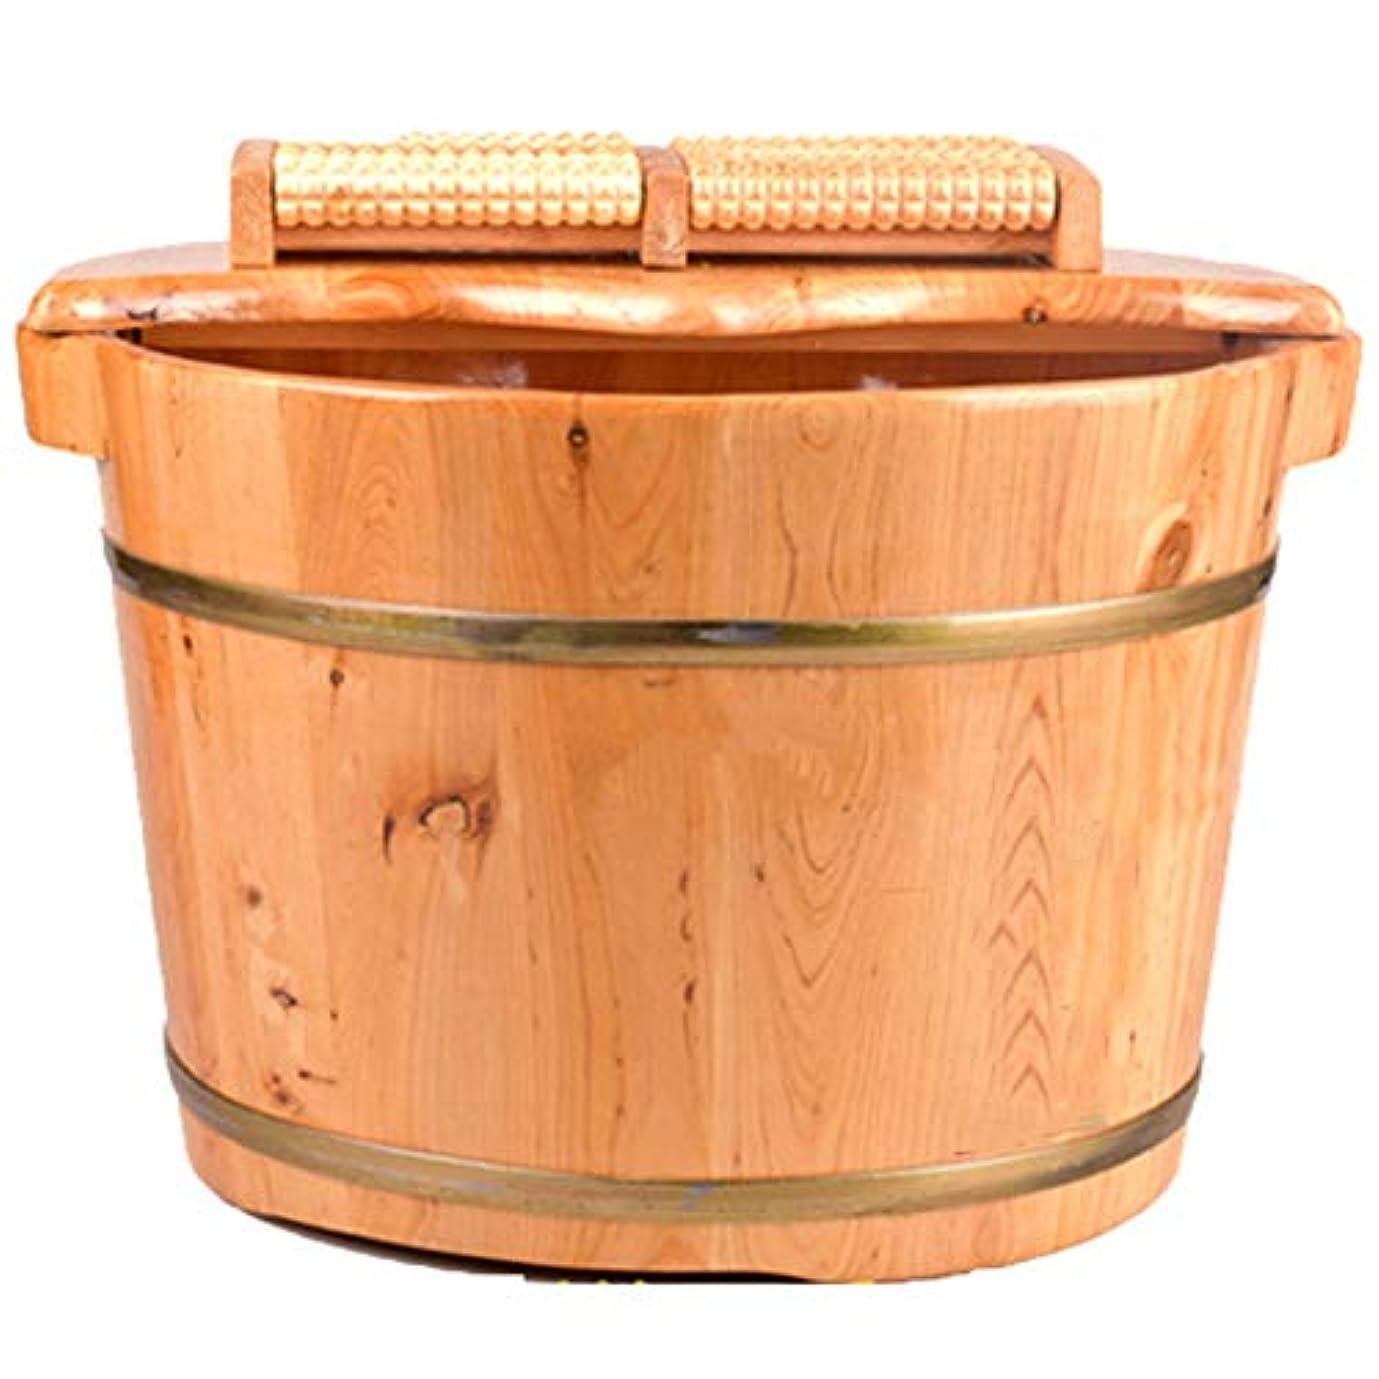 単調な中に壮大ペディキュア盆地,軽量の木製家庭の木製の樽の足湯バスソリッドウッドの木管大人のトランペット